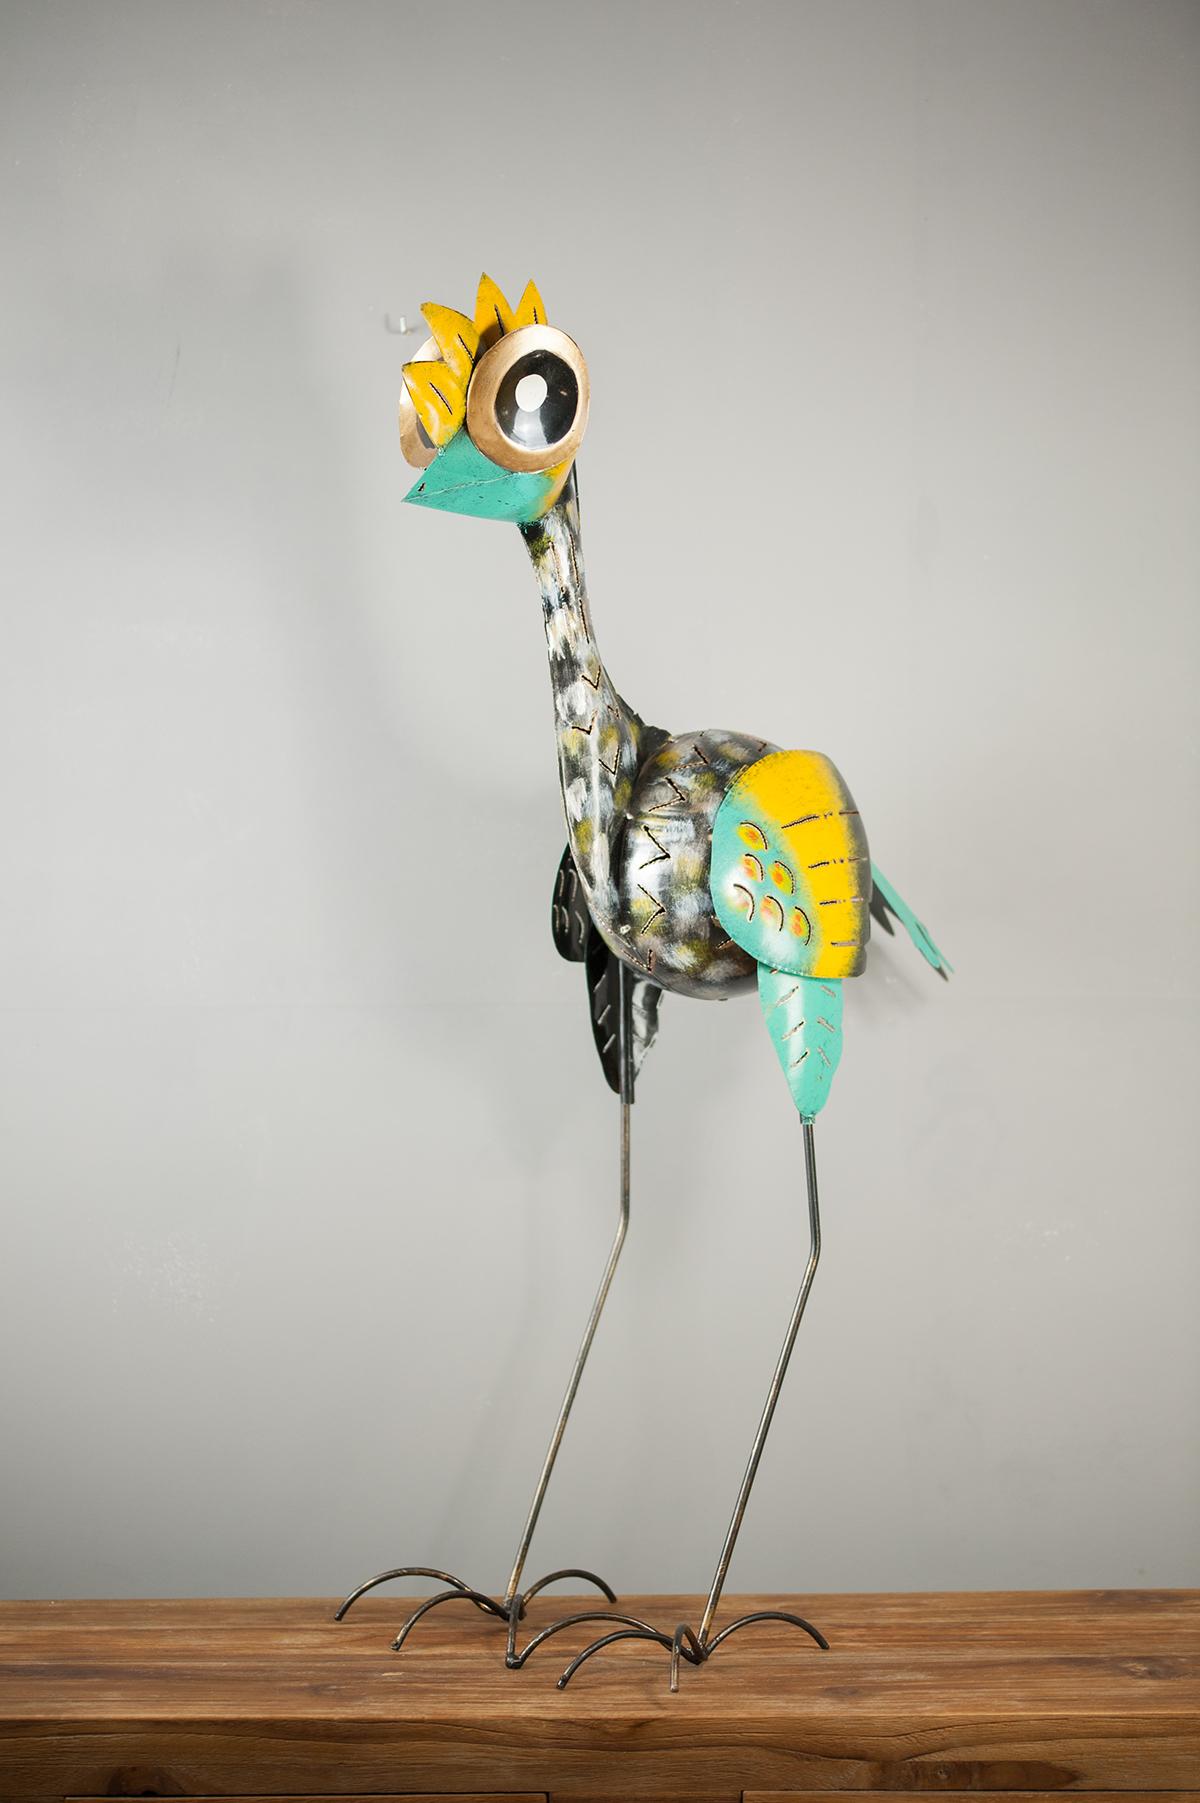 Déco tendance Sculpture oiseau en métal jaune et vert